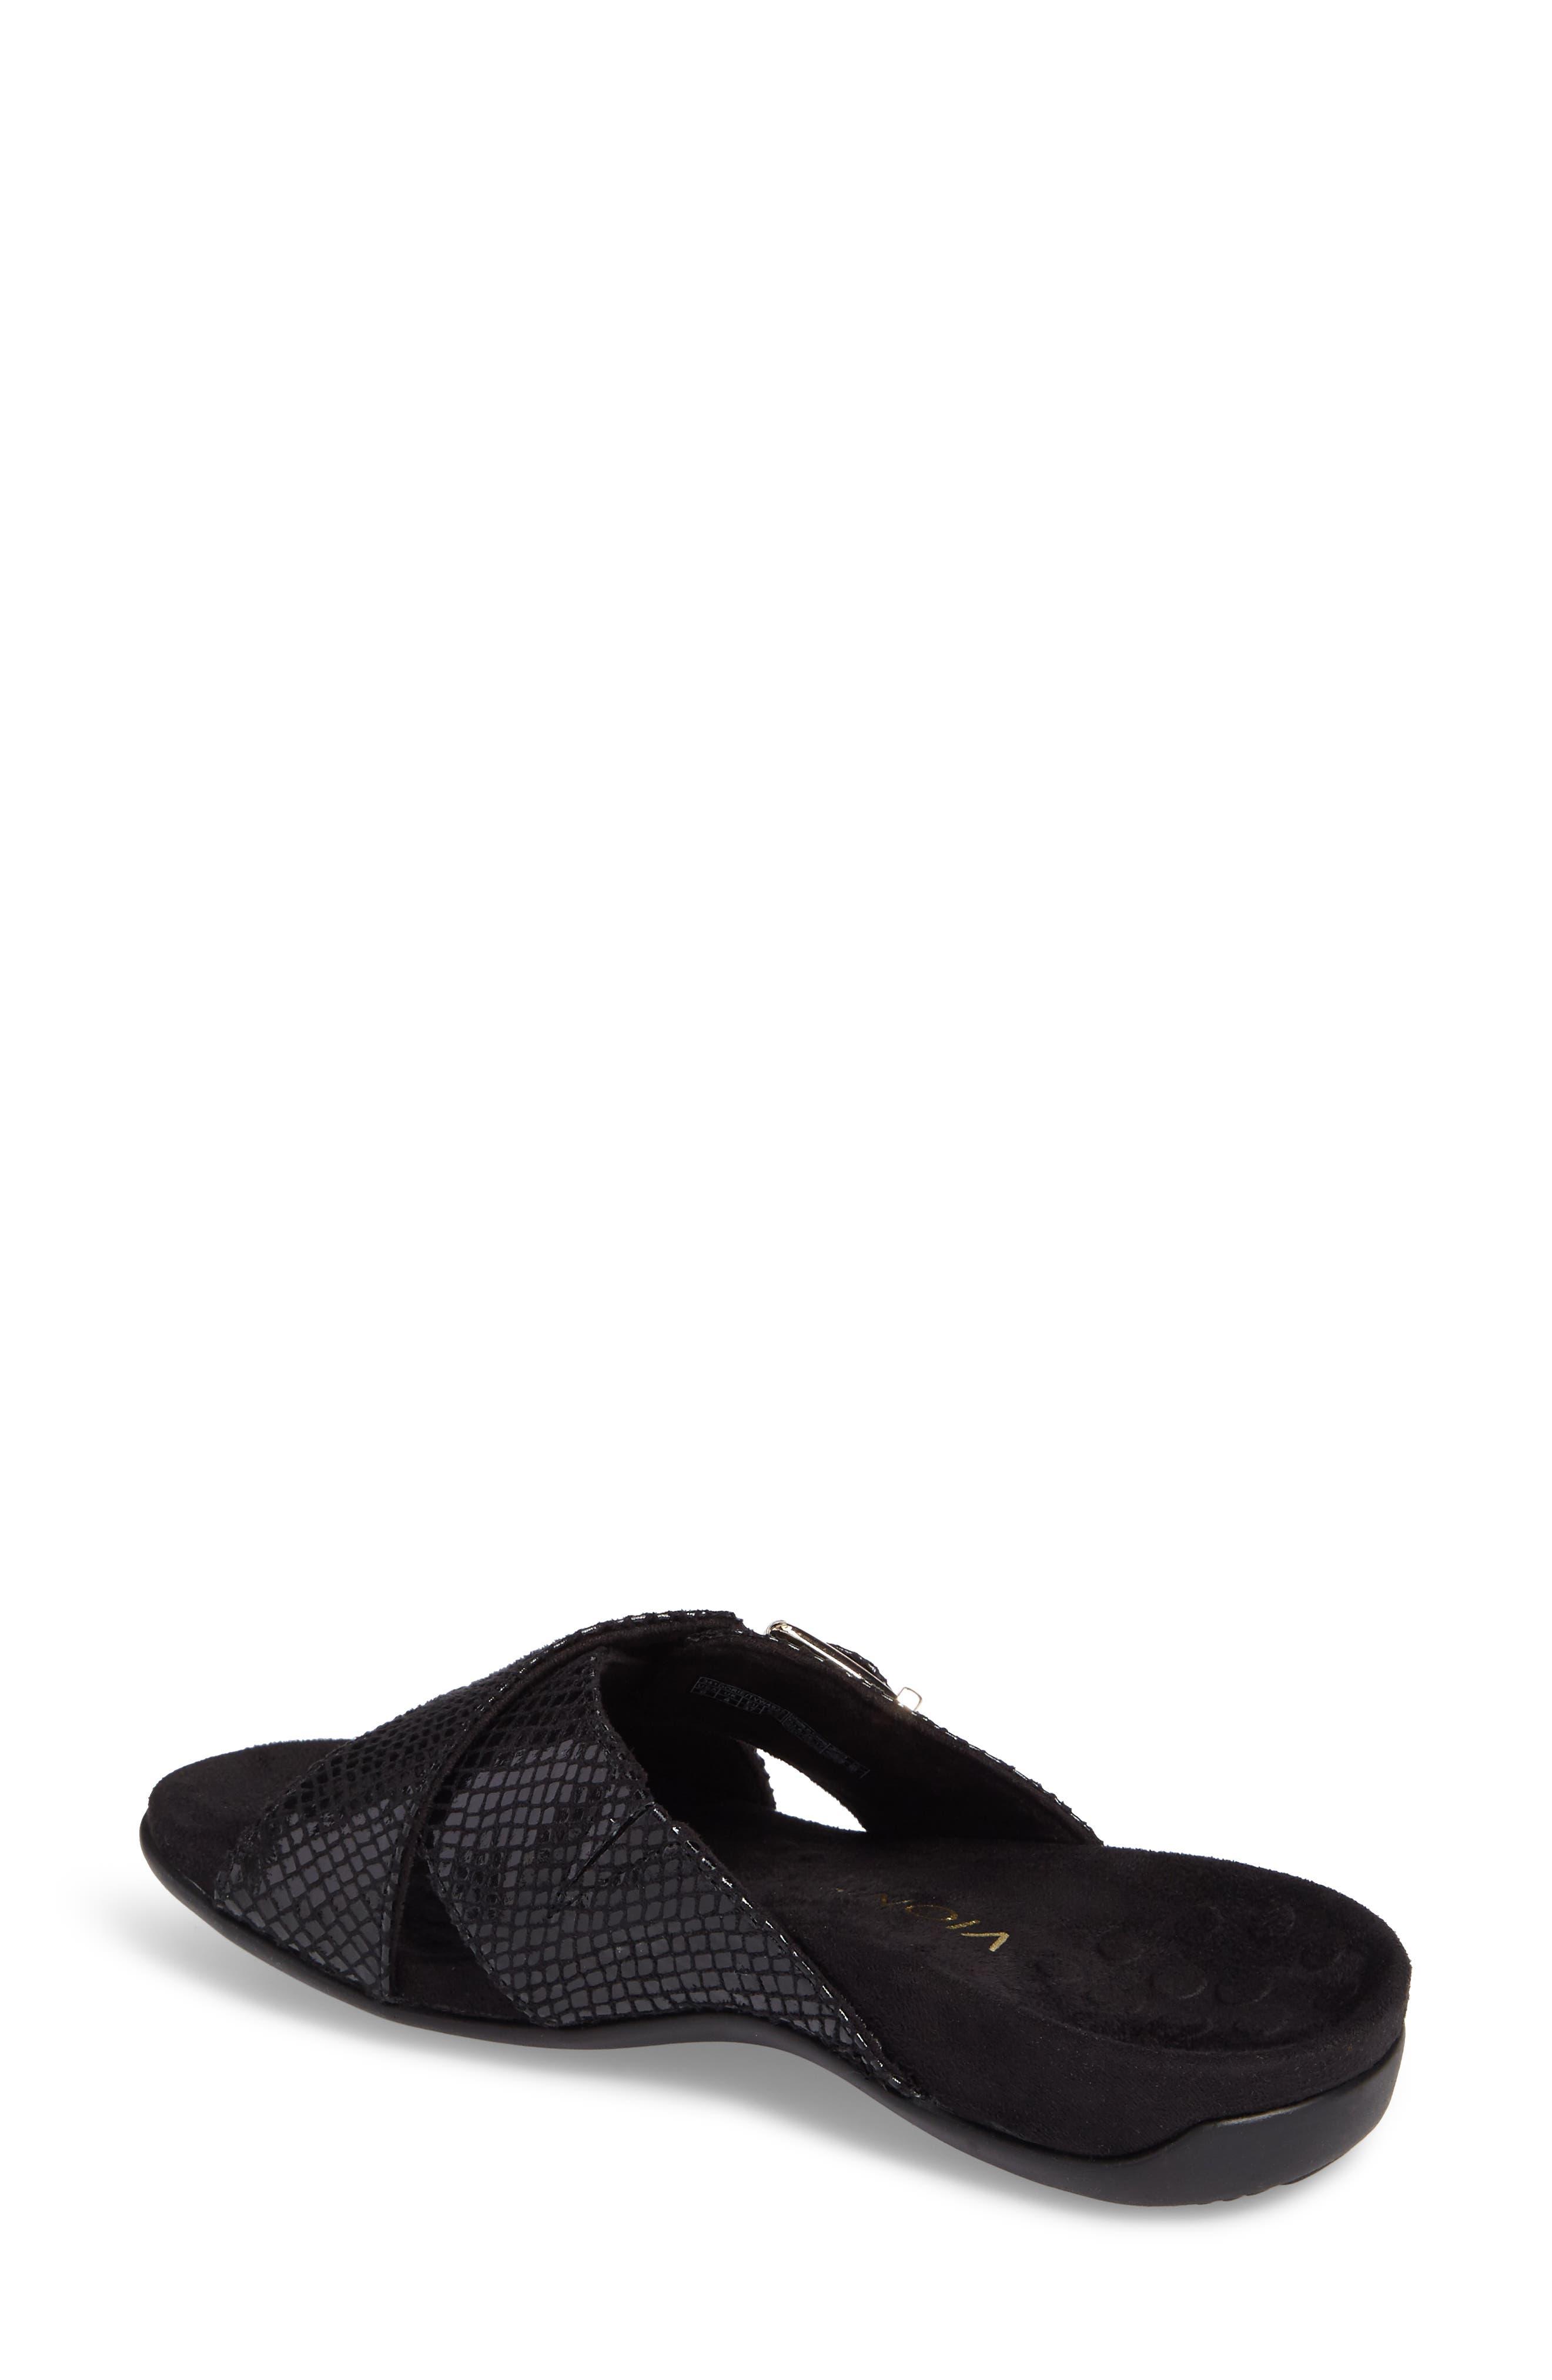 Dorie Cross Strap Slide Sandal,                             Alternate thumbnail 2, color,                             Black Snake Faux Leather